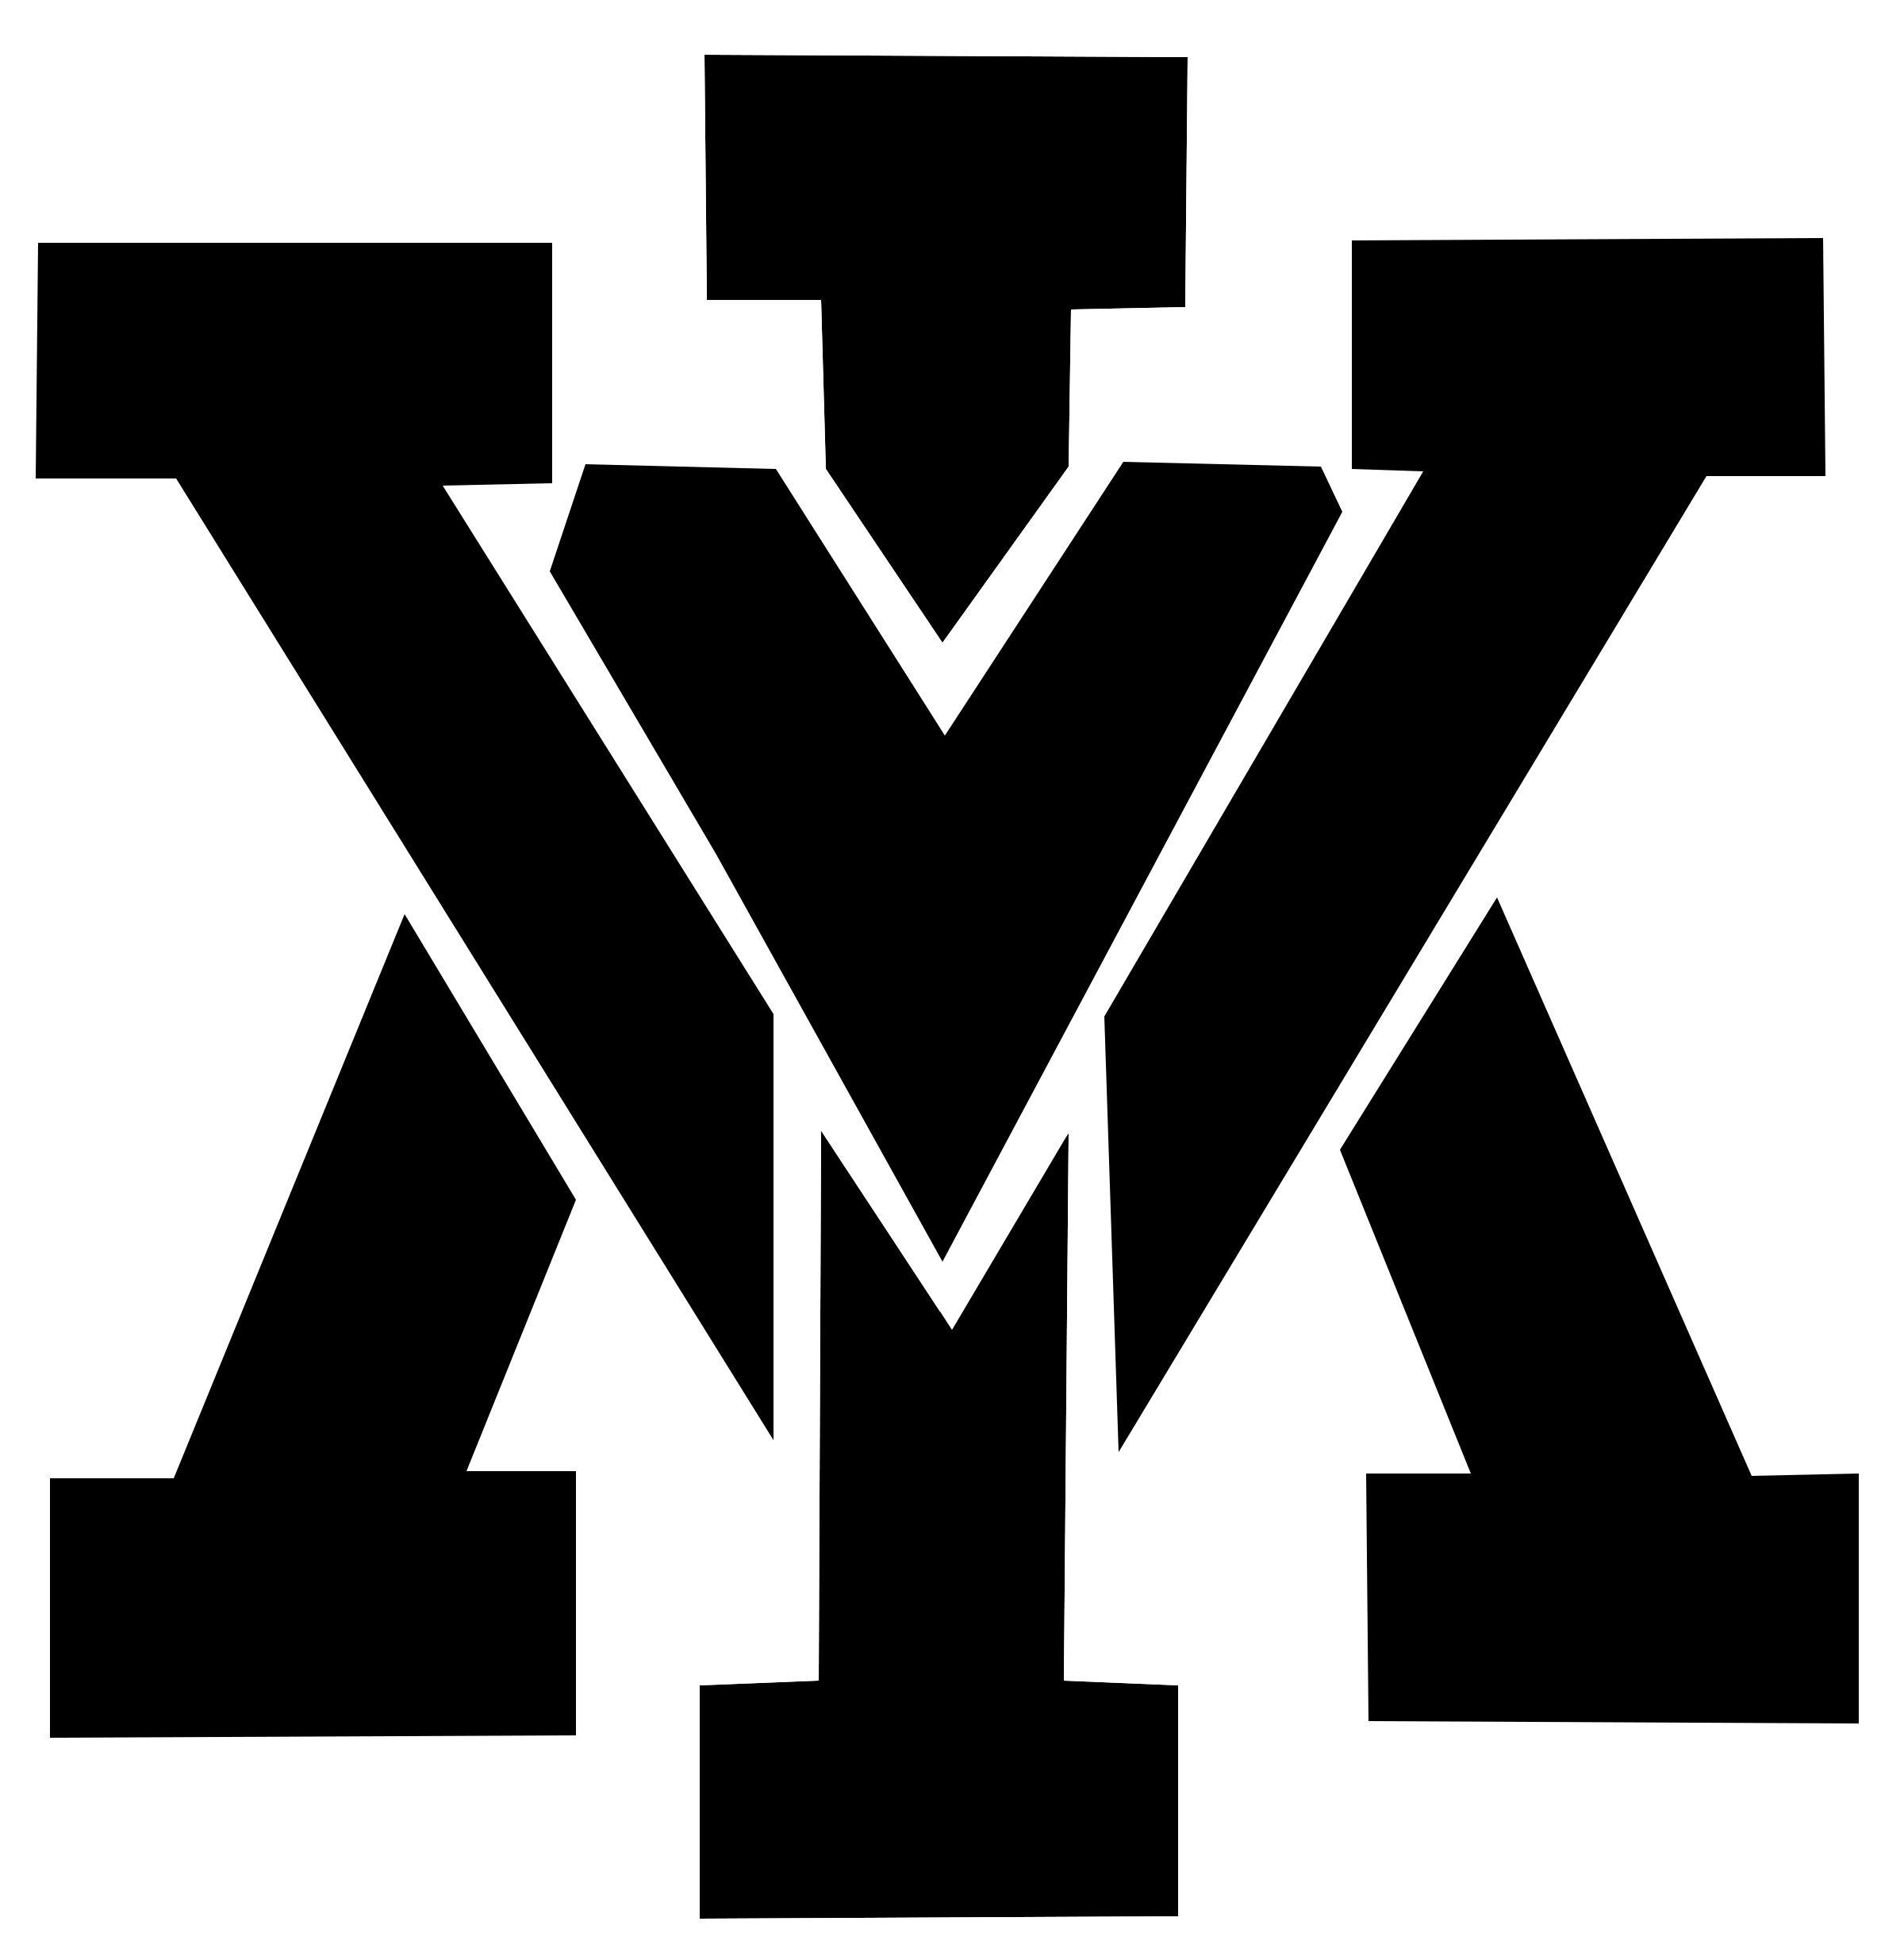 VMI jack.